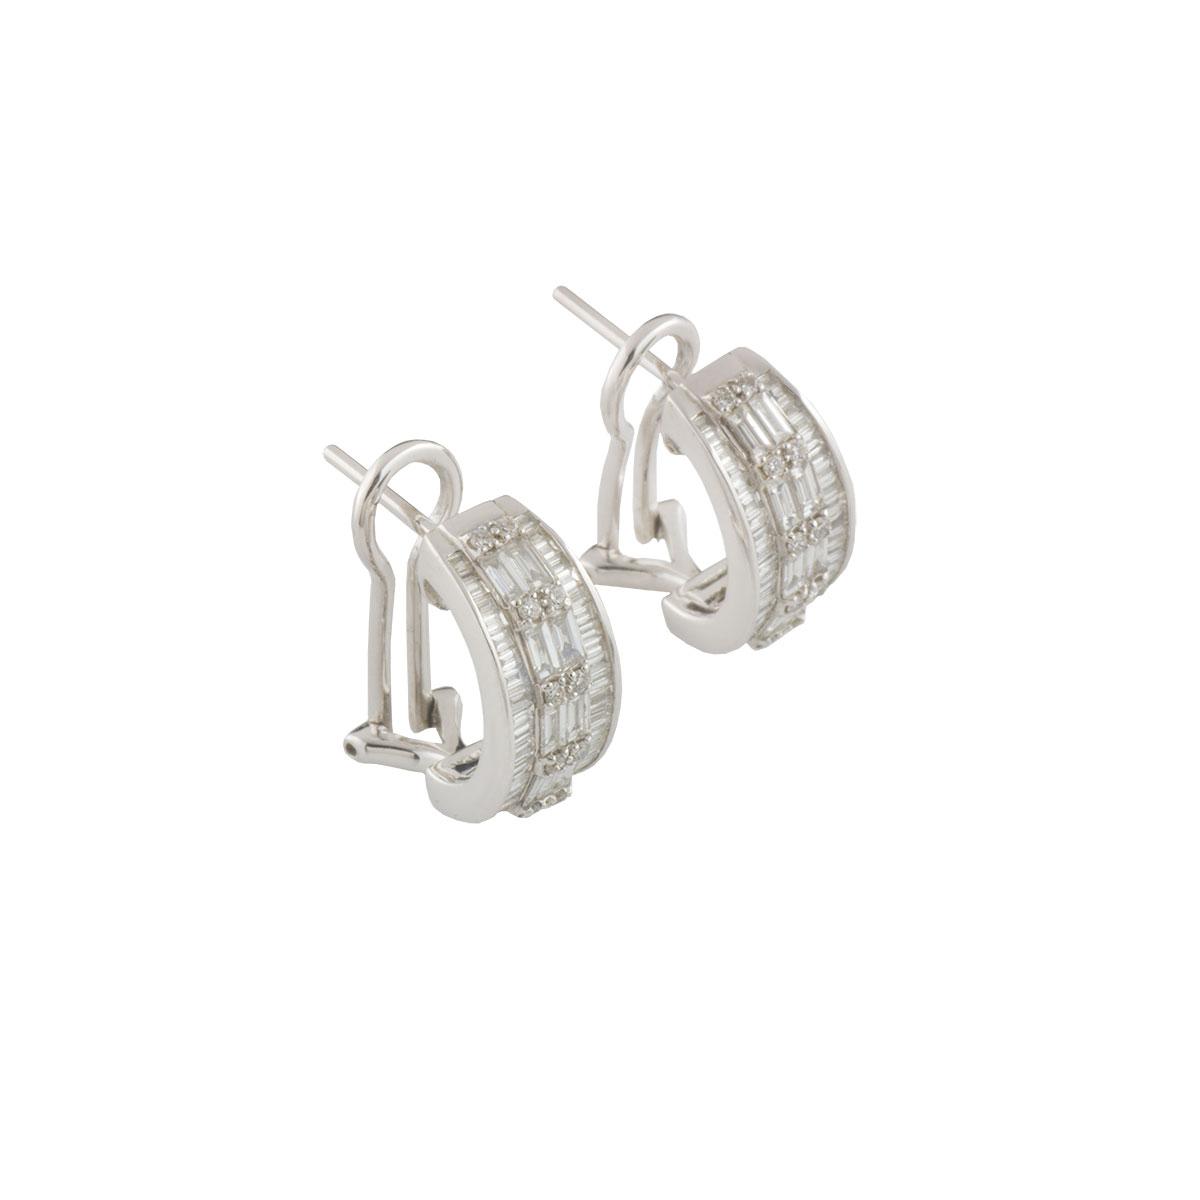 White Gold Diamond Cluster Earrings 1.71ct G-H/VS-VVS